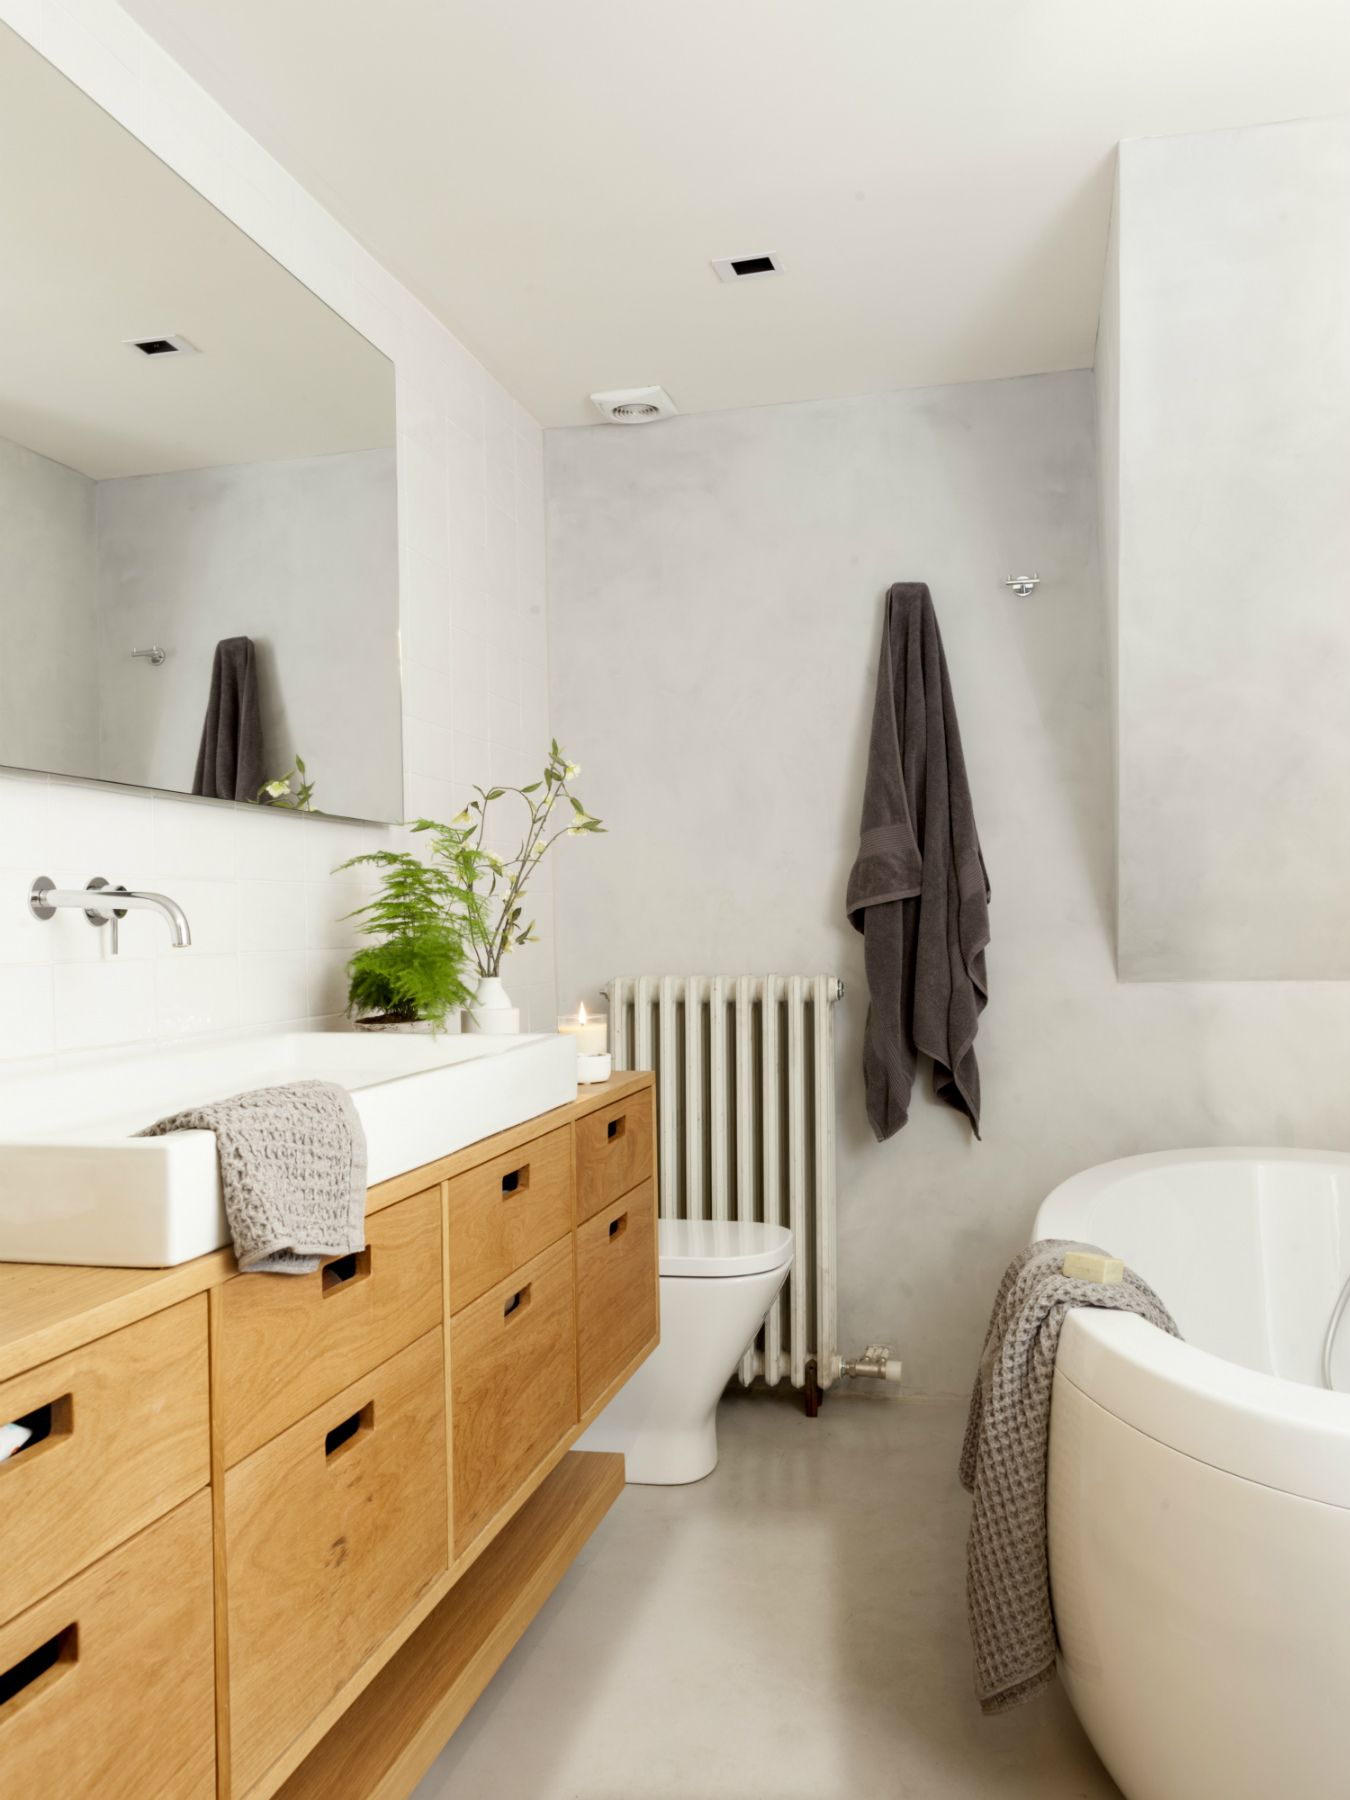 Ba±o con radiador O in 2018 Bathroom